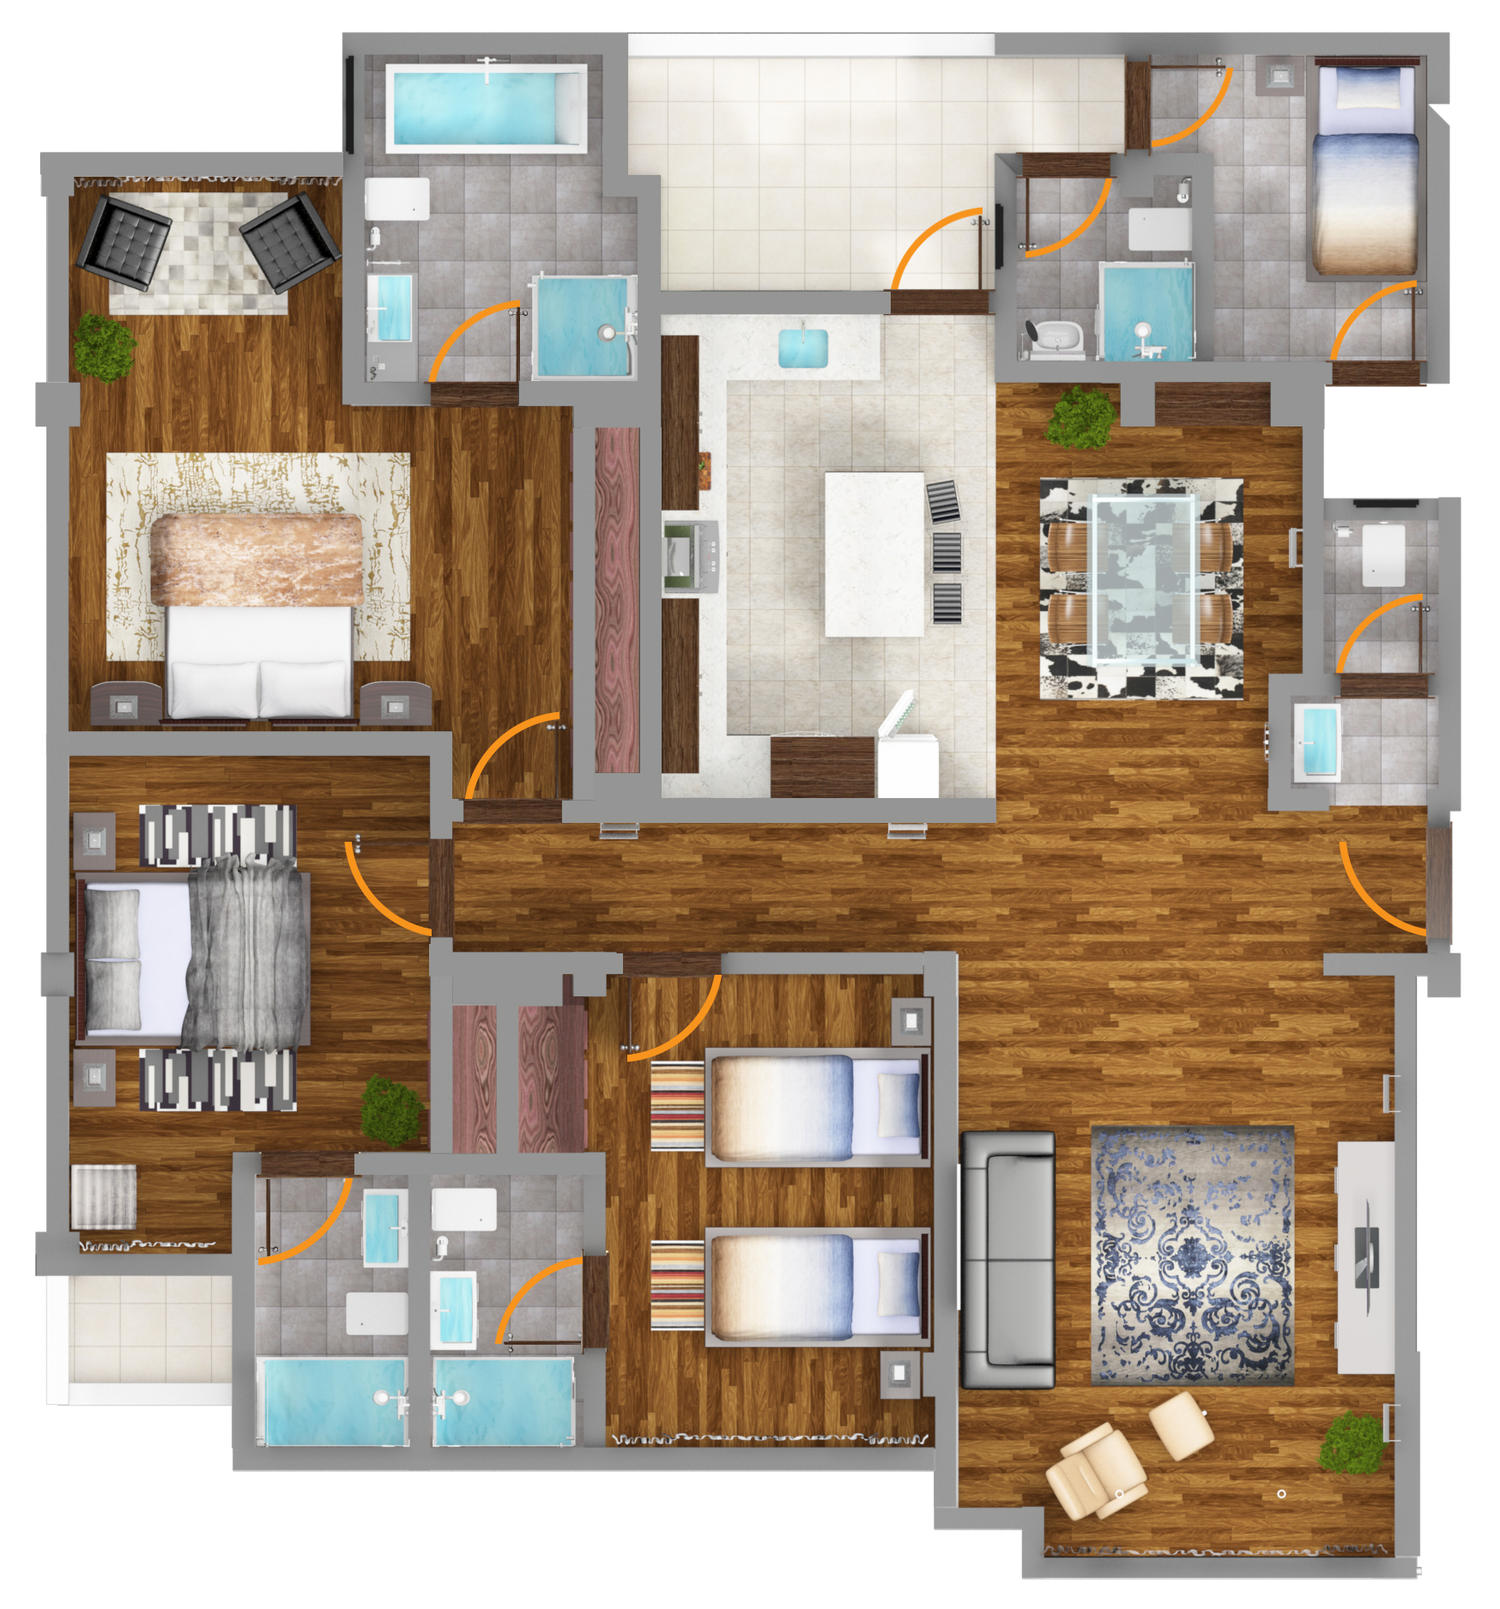 3d floor plan rendering by gesora on envato studio for 3d floor plan rendering